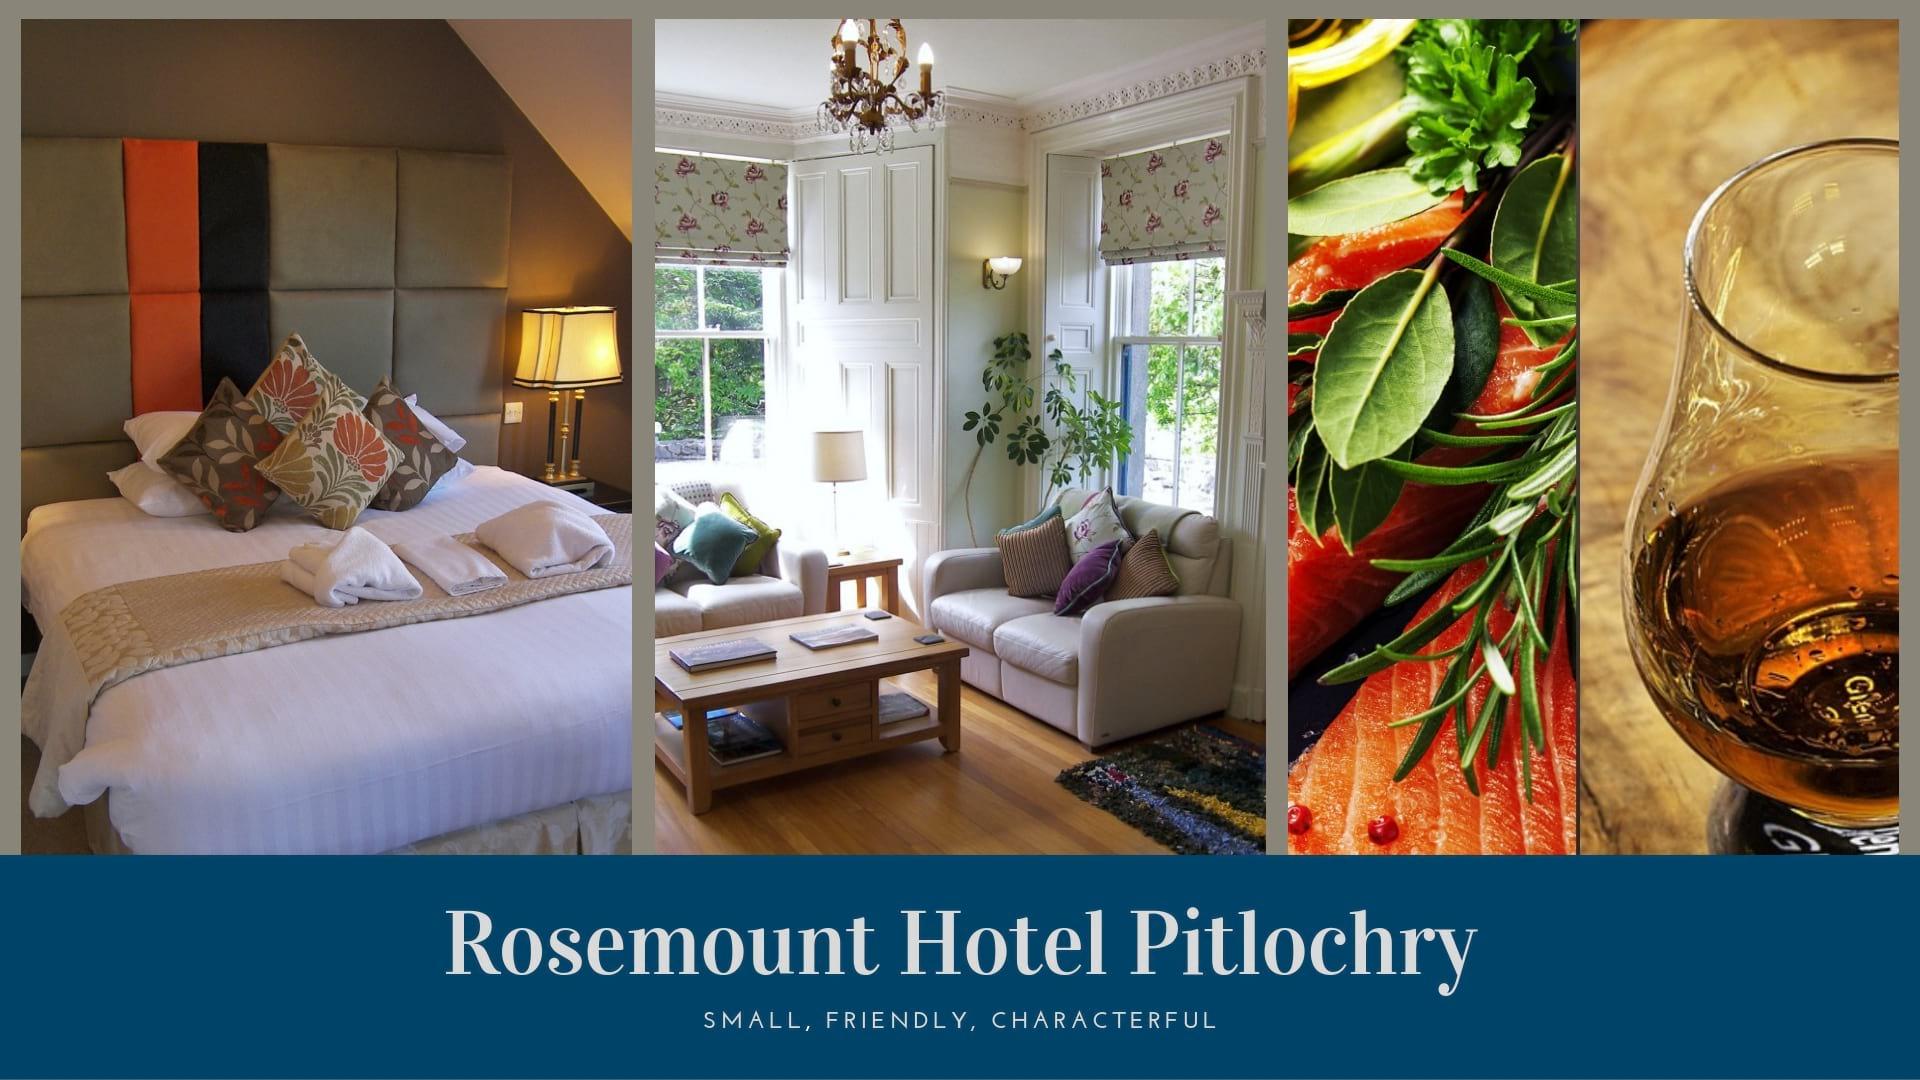 rosemount hotel pitlochry accommodation | Scottish Hotels